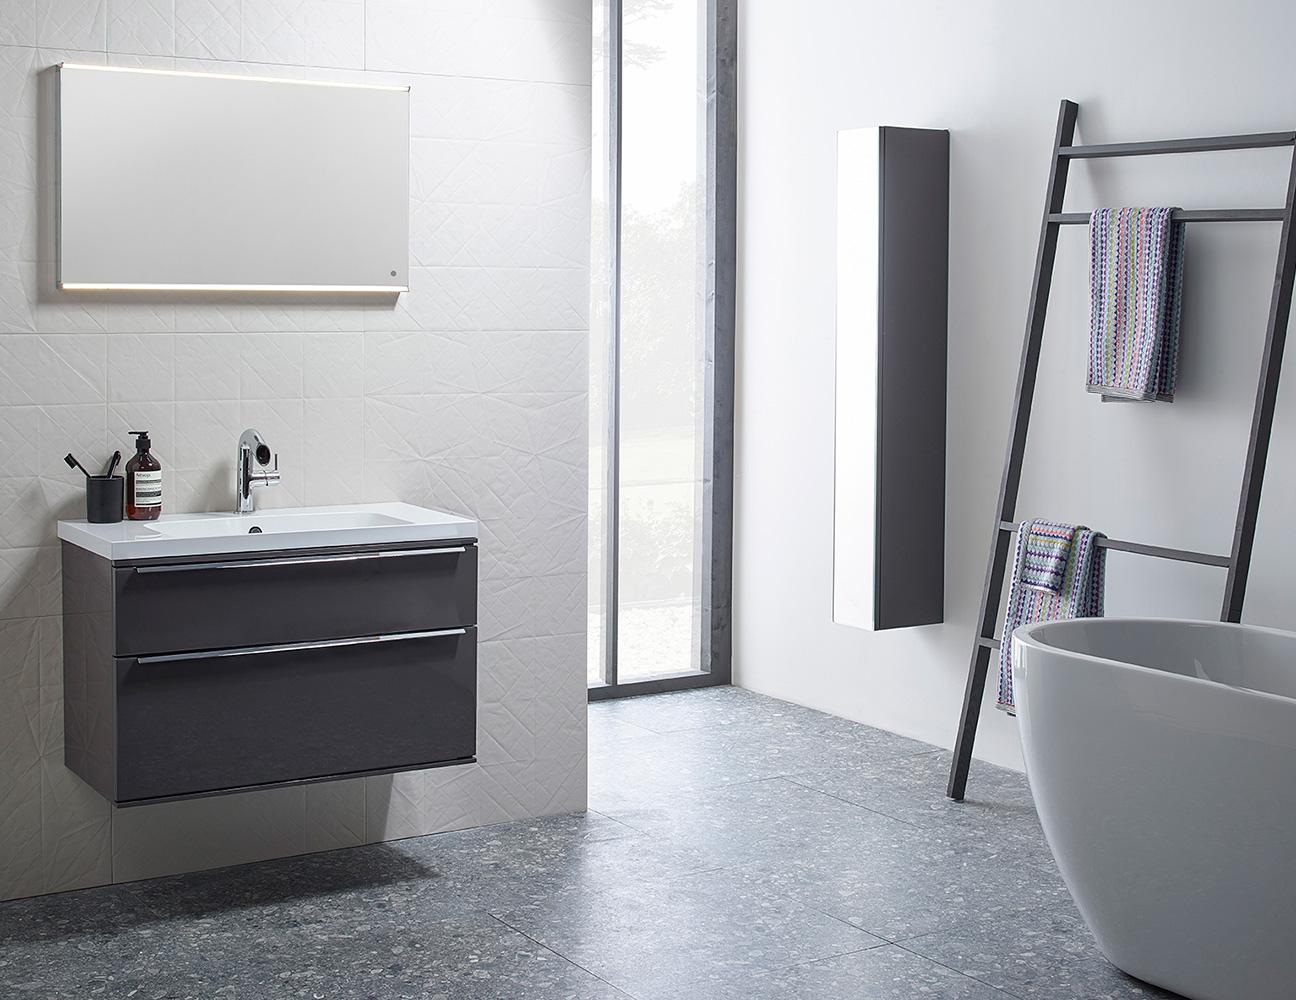 modern bathroom tiled marble stainless